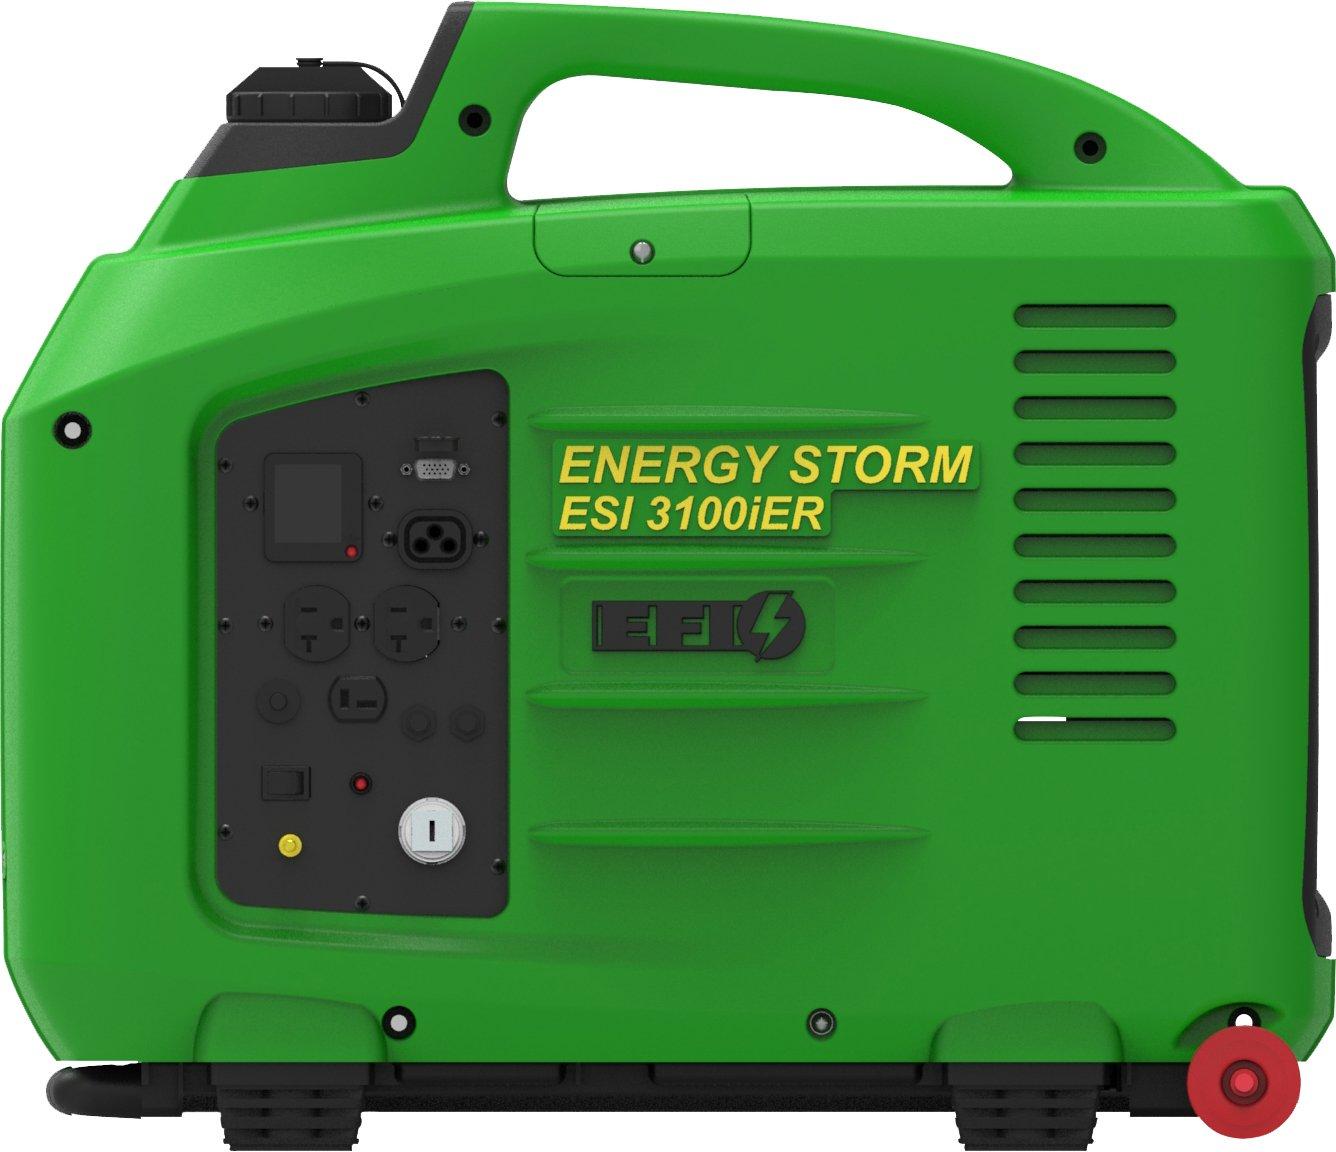 Amazon.com: Lifan ESI3100iER-EFI 3100 Watt Inverter Generator ...